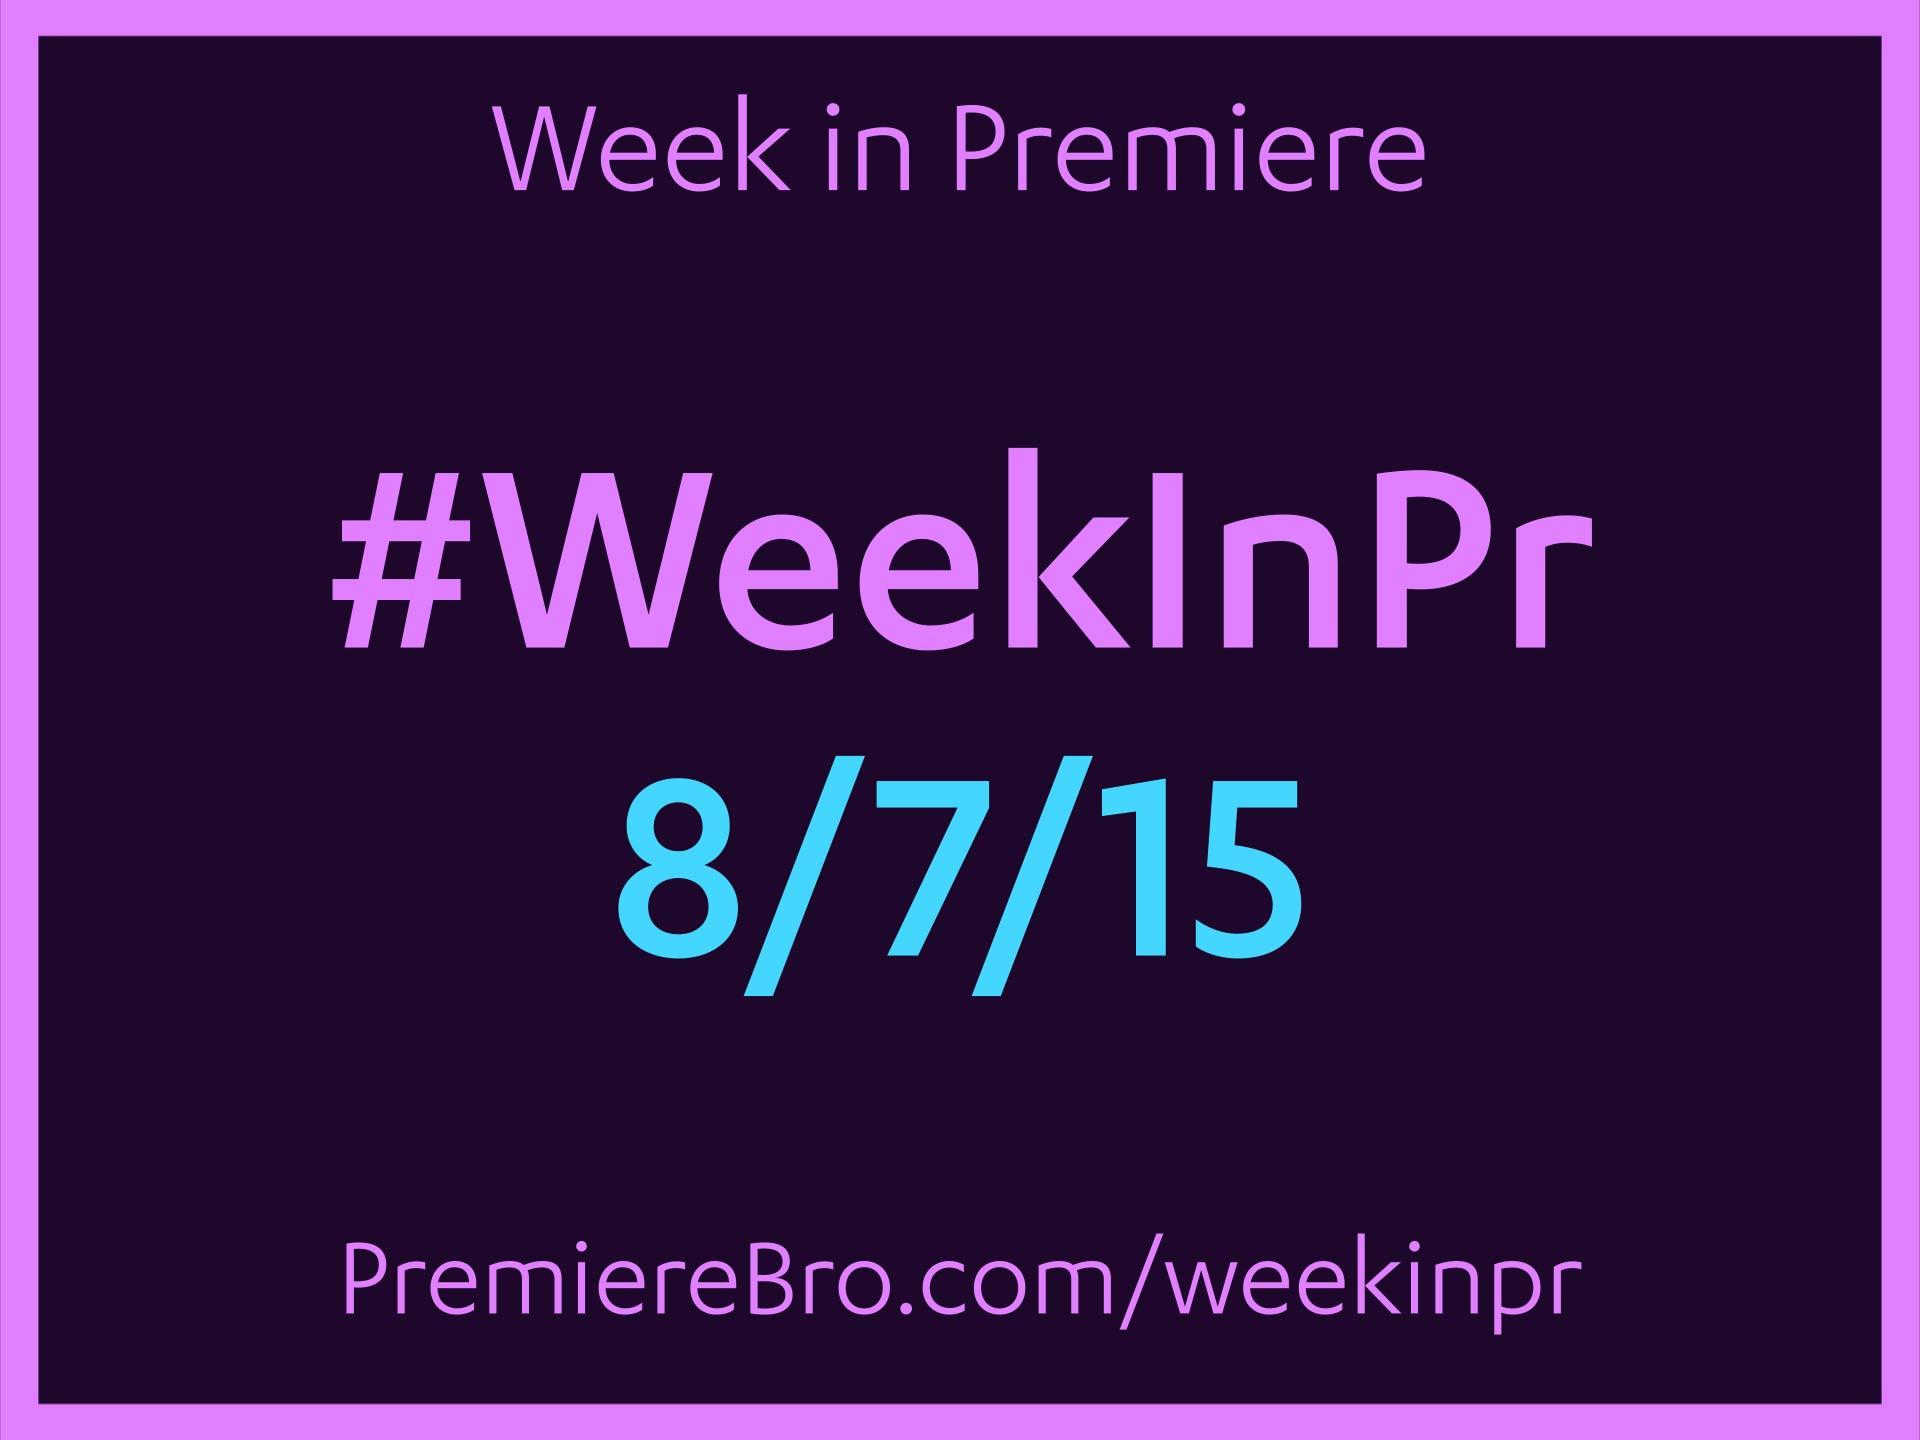 week-in-premiere-pro-8-7-15.jpg